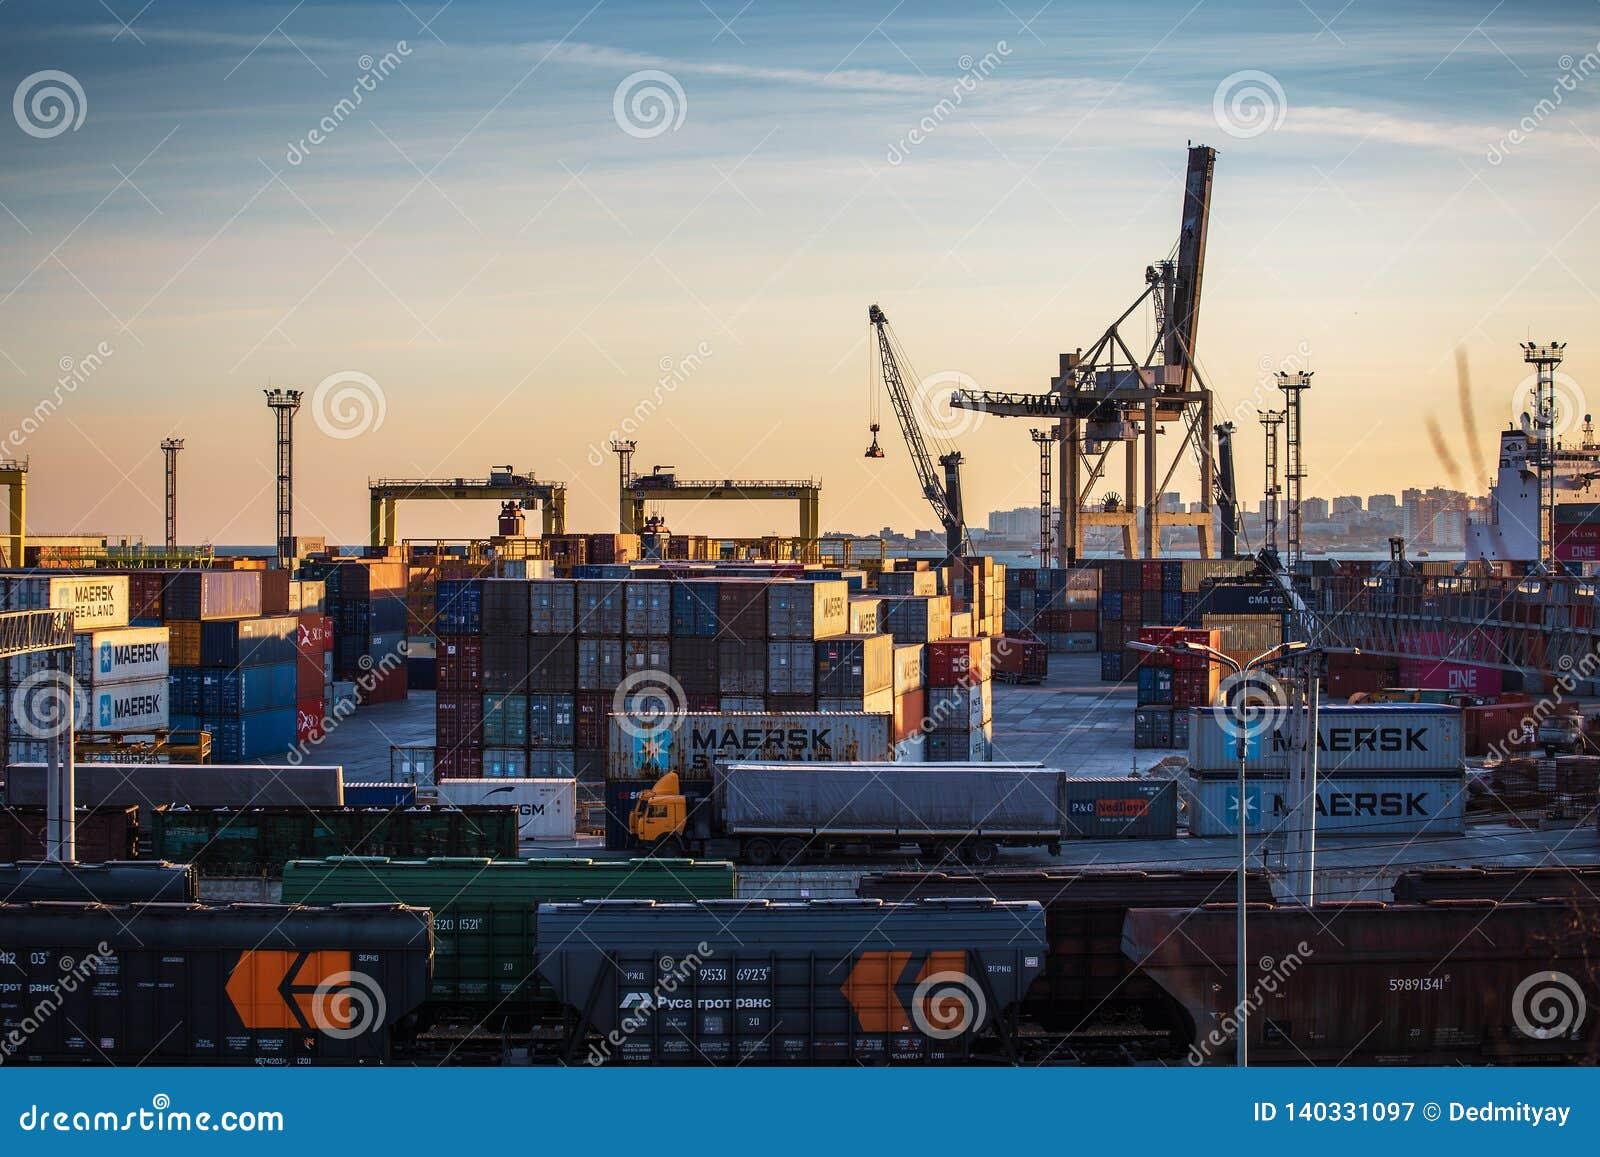 Το Φεβρουάριο του 2019 του Νοβορωσίσκ, Ρωσία - Circa: Θαλάσσιος λιμένας μεταφορών φορτίου για τα αγαθά εισαγωγών και εξαγωγής, εμ